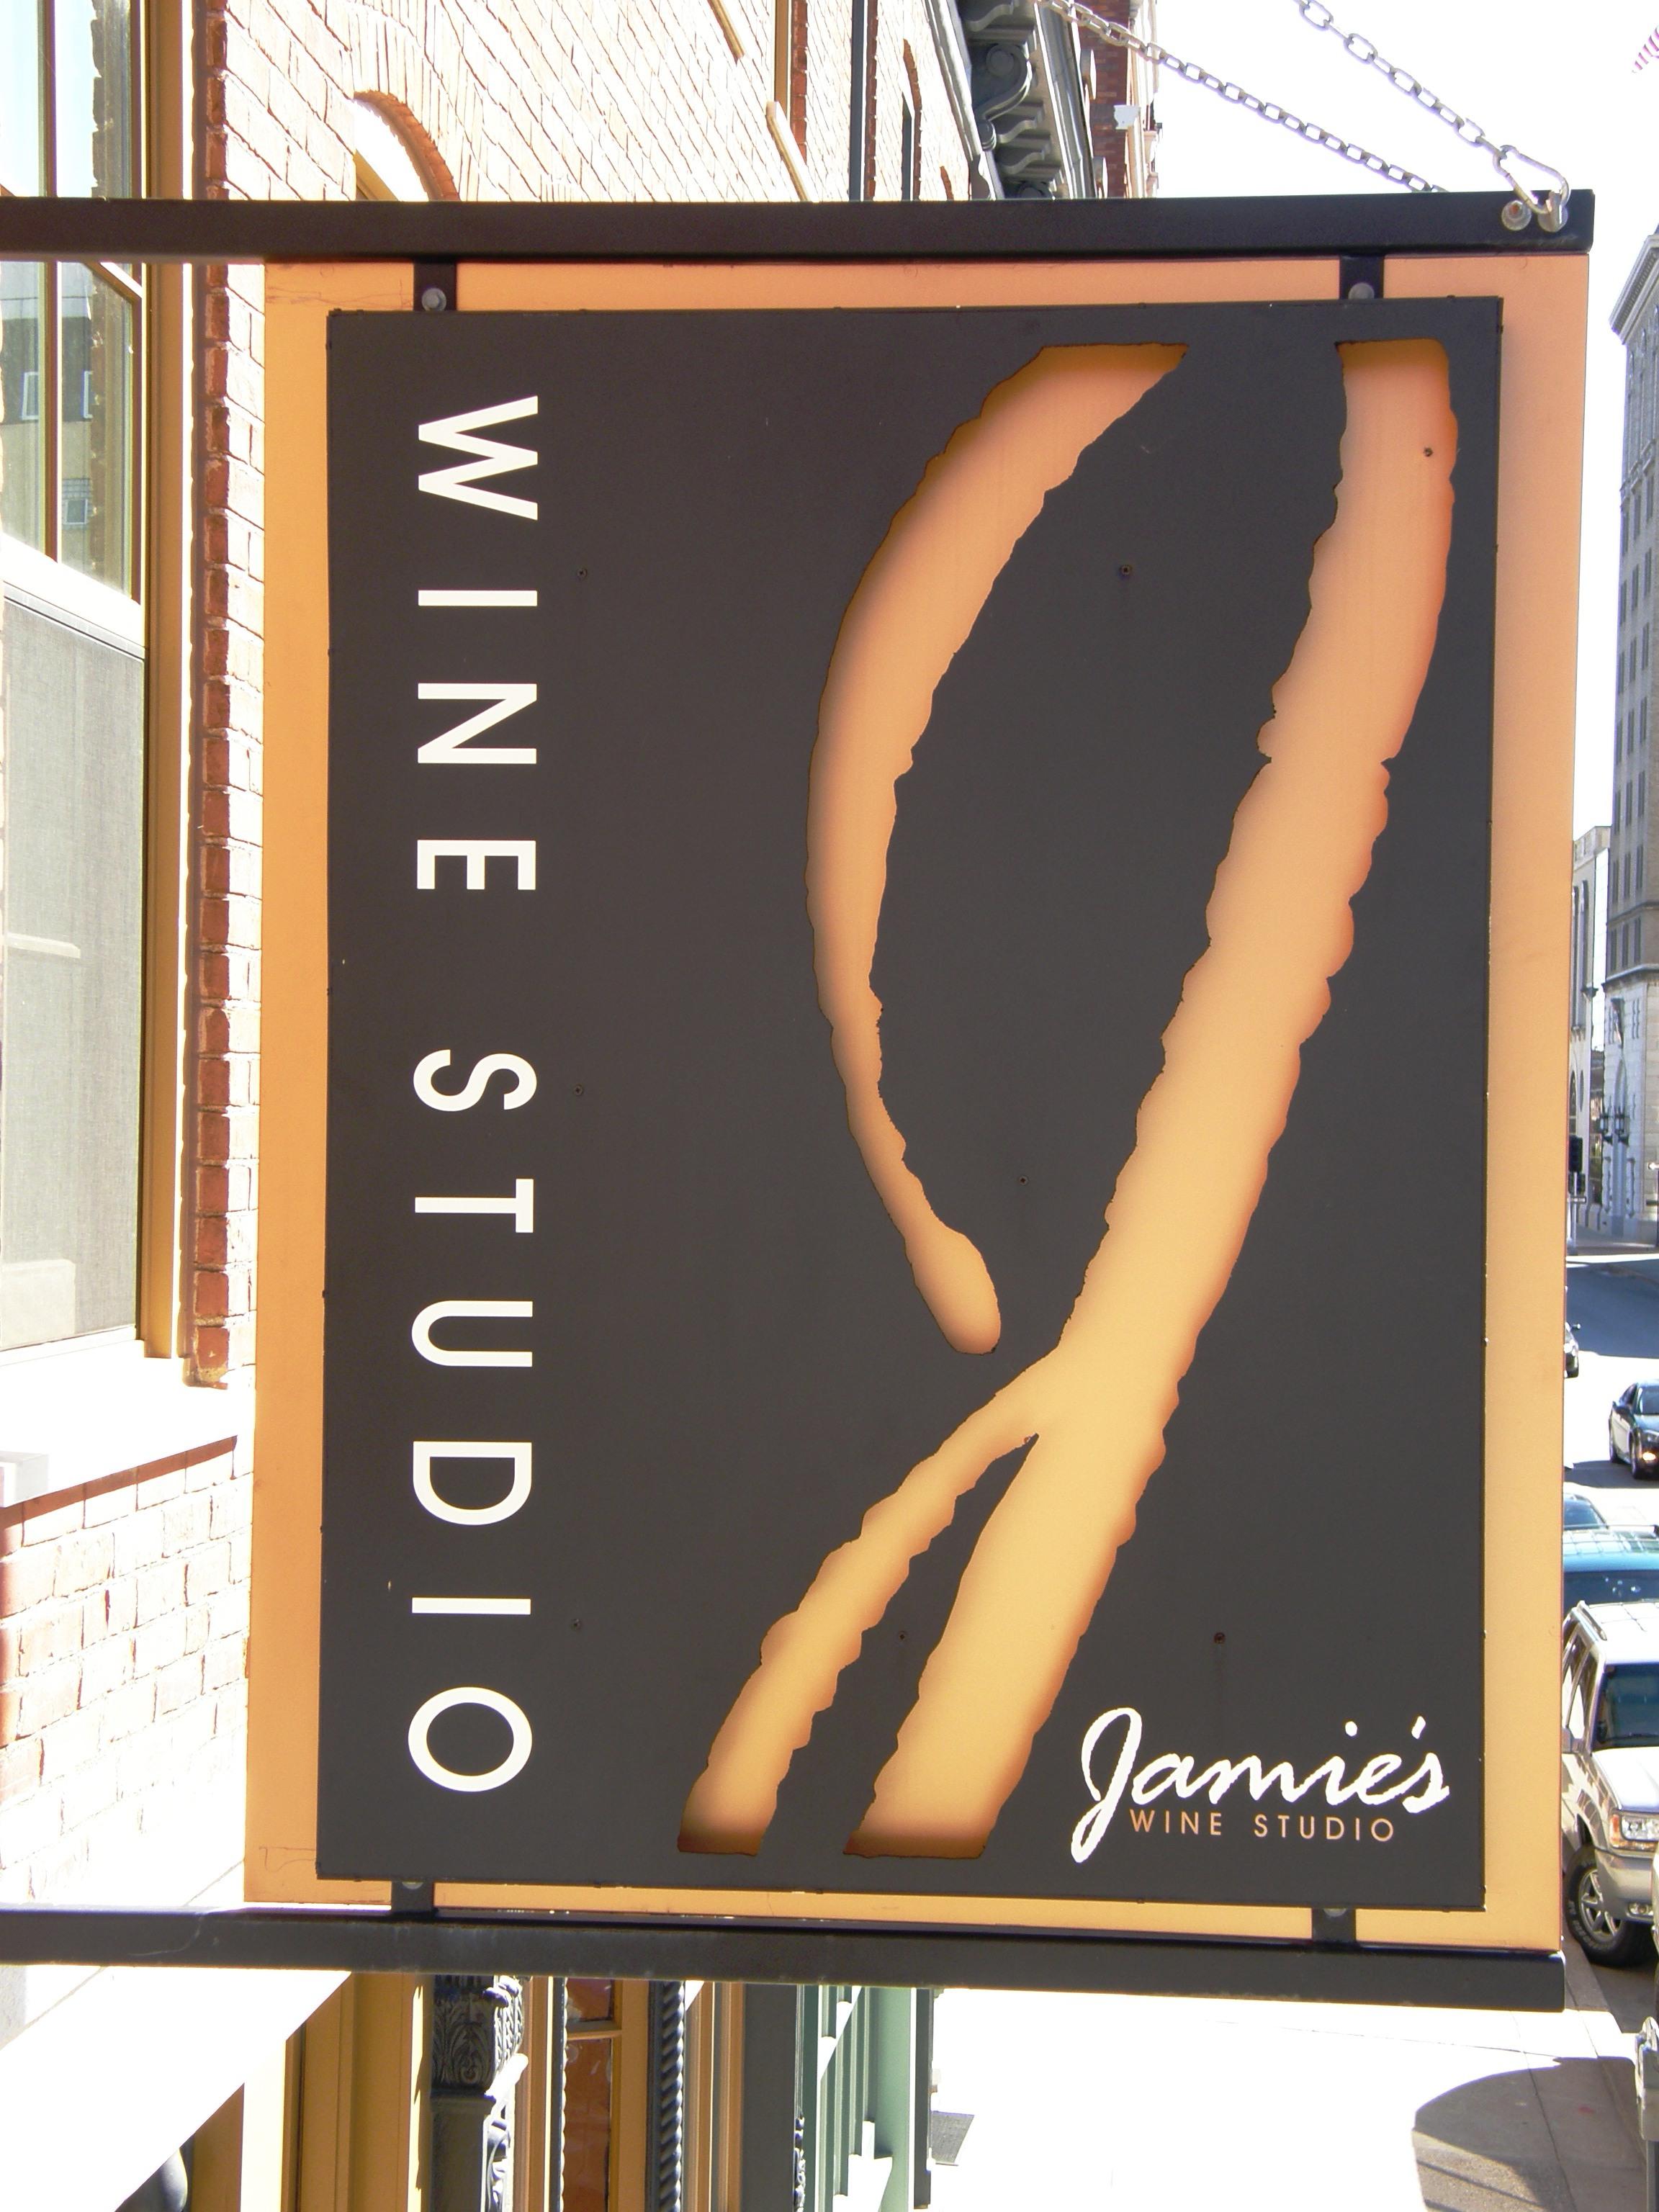 Jamie's Wine